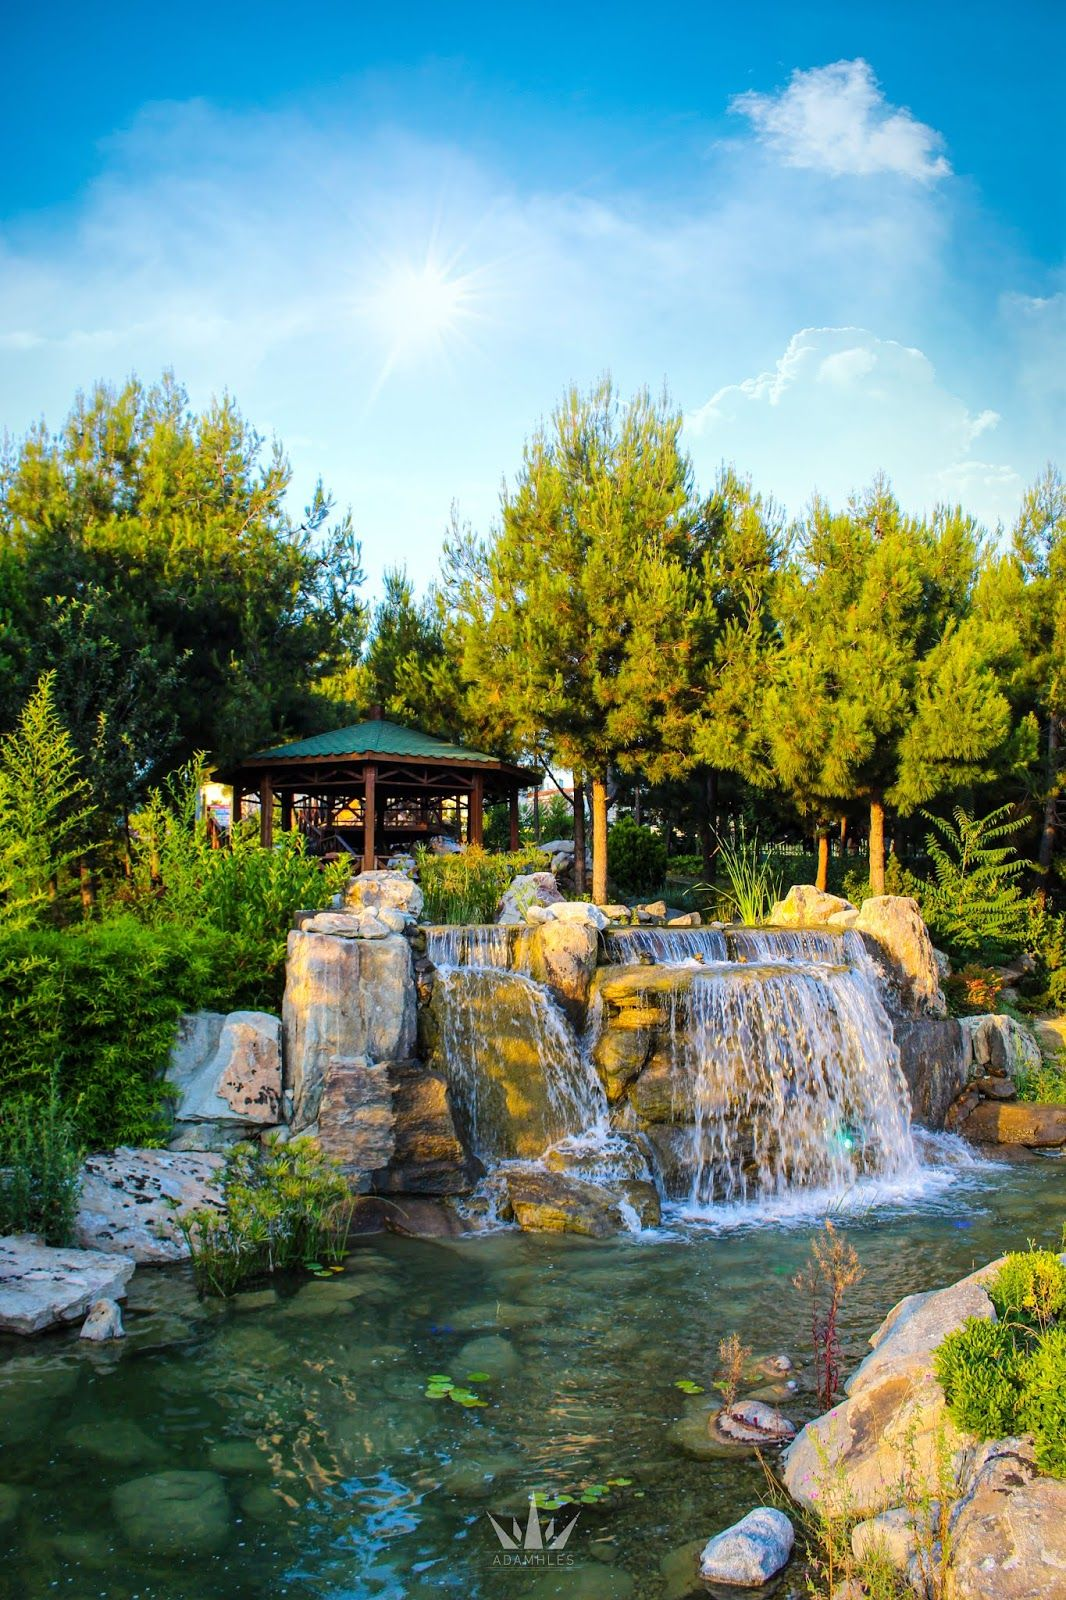 صورة من اعماق الطبيعة في اسطنبول تركيا Outdoor Nature House Styles